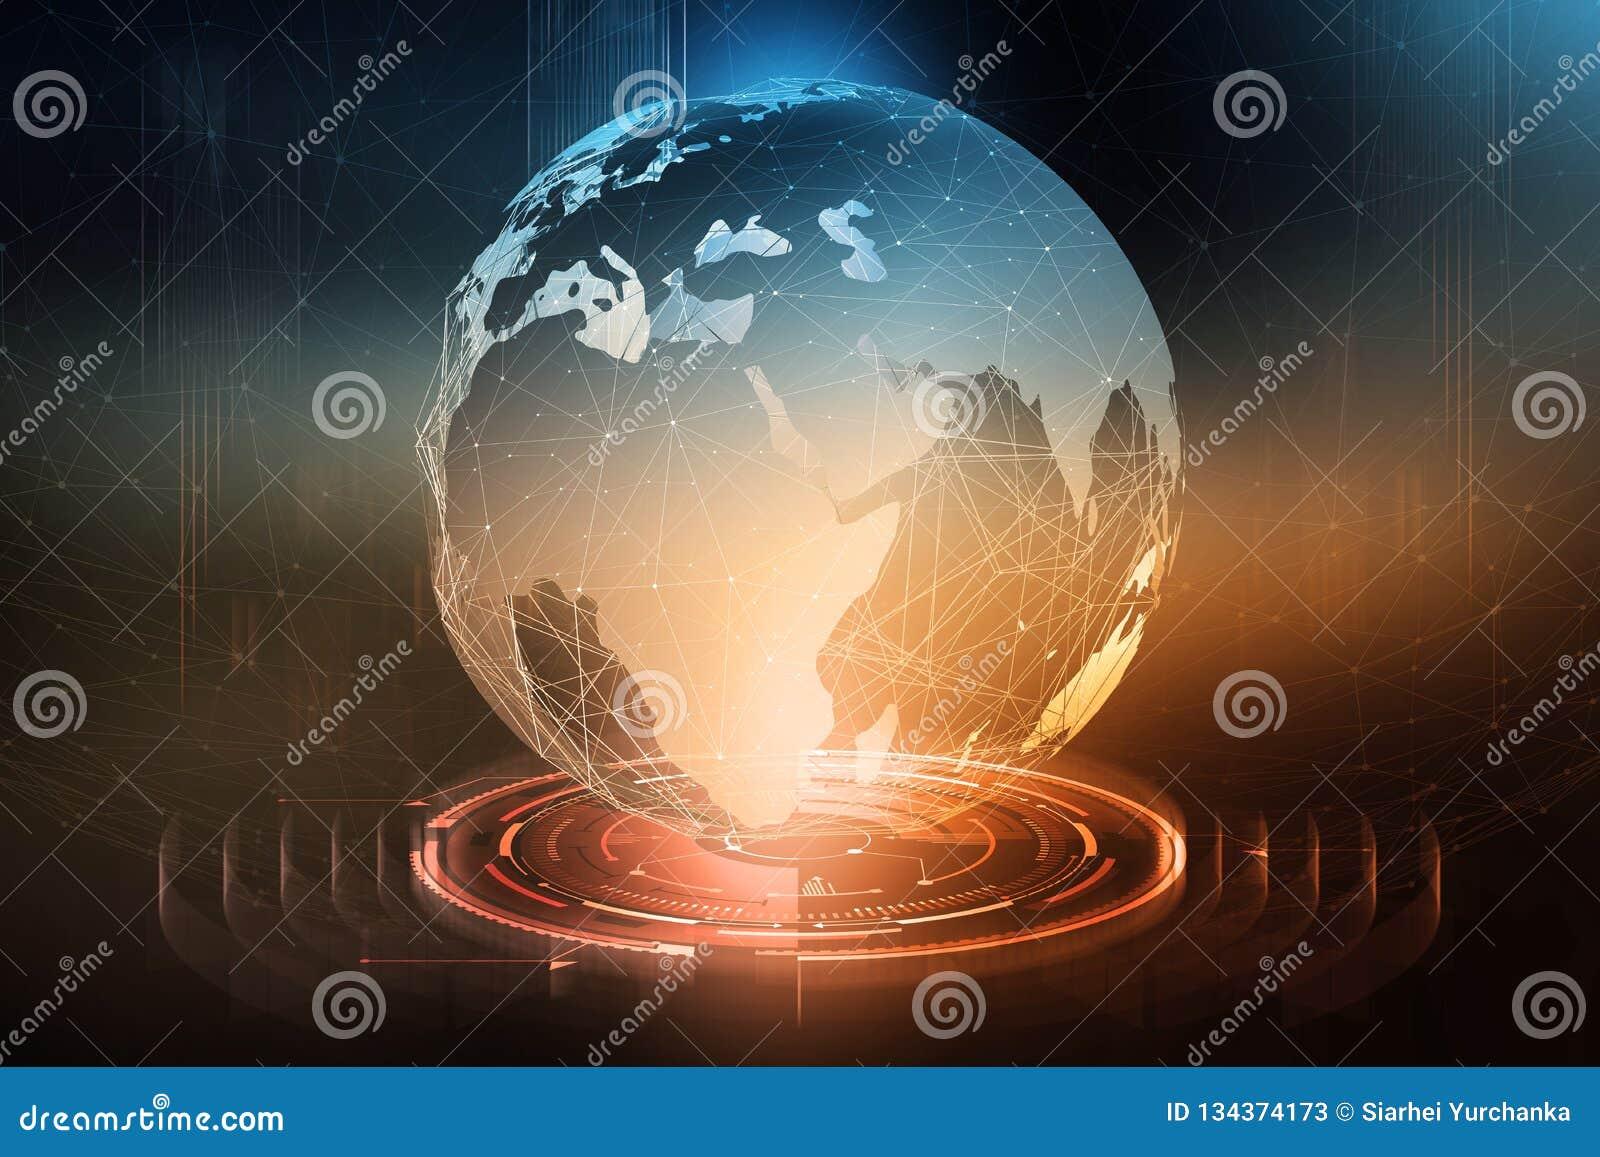 De intercambio de datos global Formación de una red de comunicaciones planetaria Negocio en el campo de tecnologías digitales